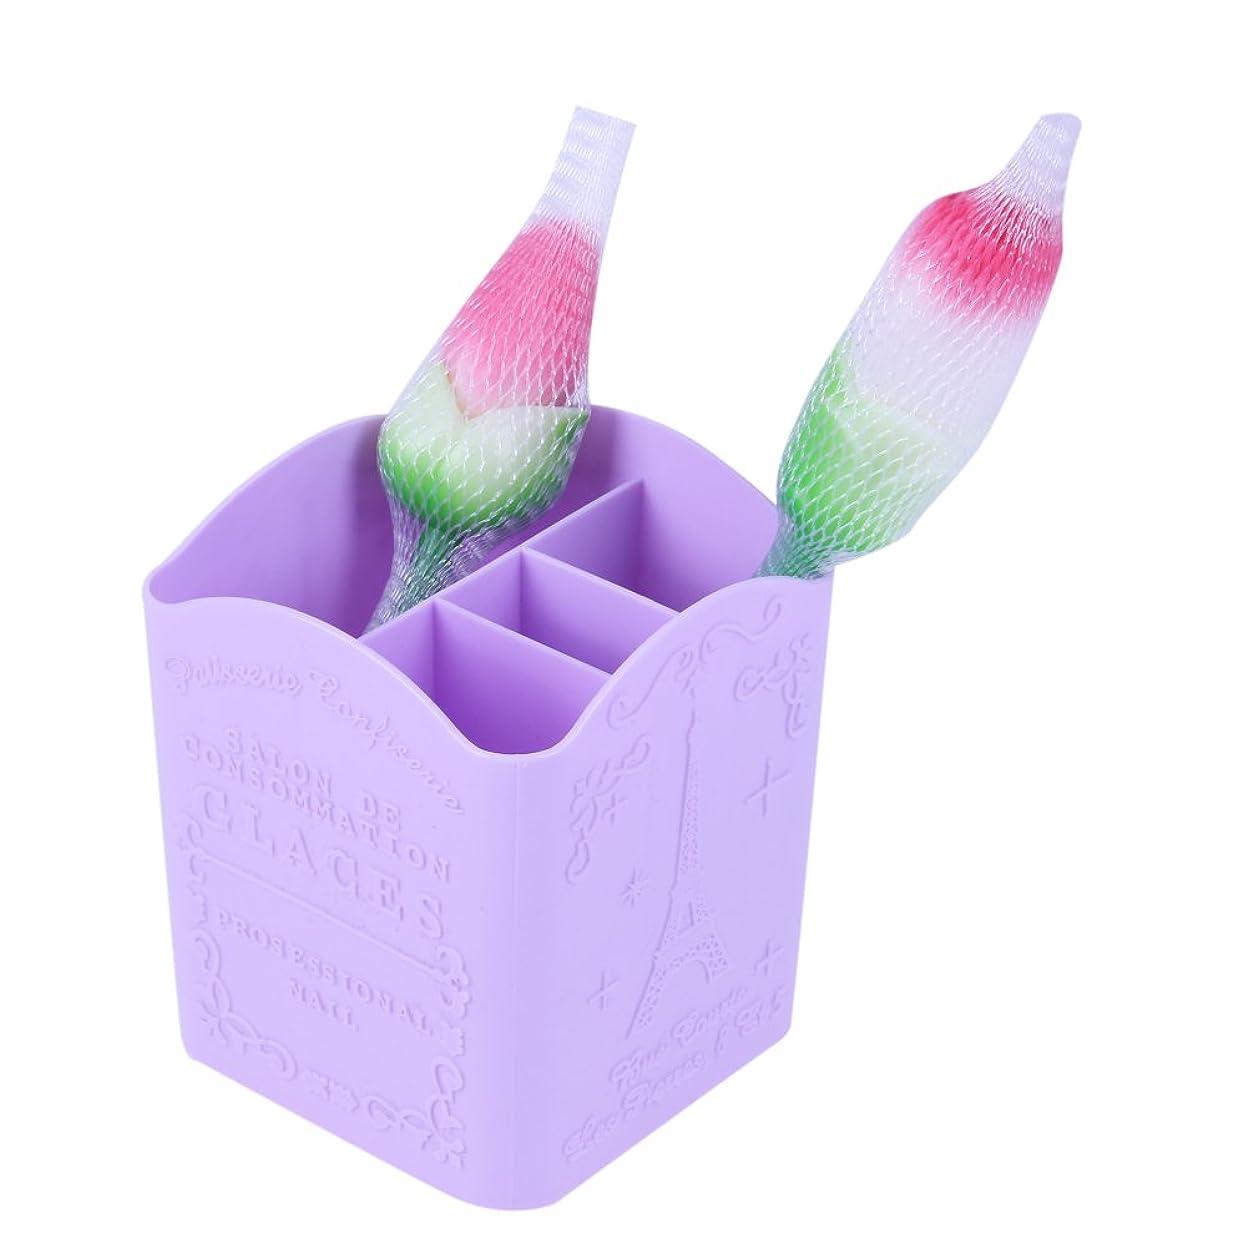 はちみつマークダウン手入れYumbyss - メイクブラシペンのために1個プラスチック製化粧ケースポータブルストレージメイクバッグオーガナイザーブラシホルダーカップ